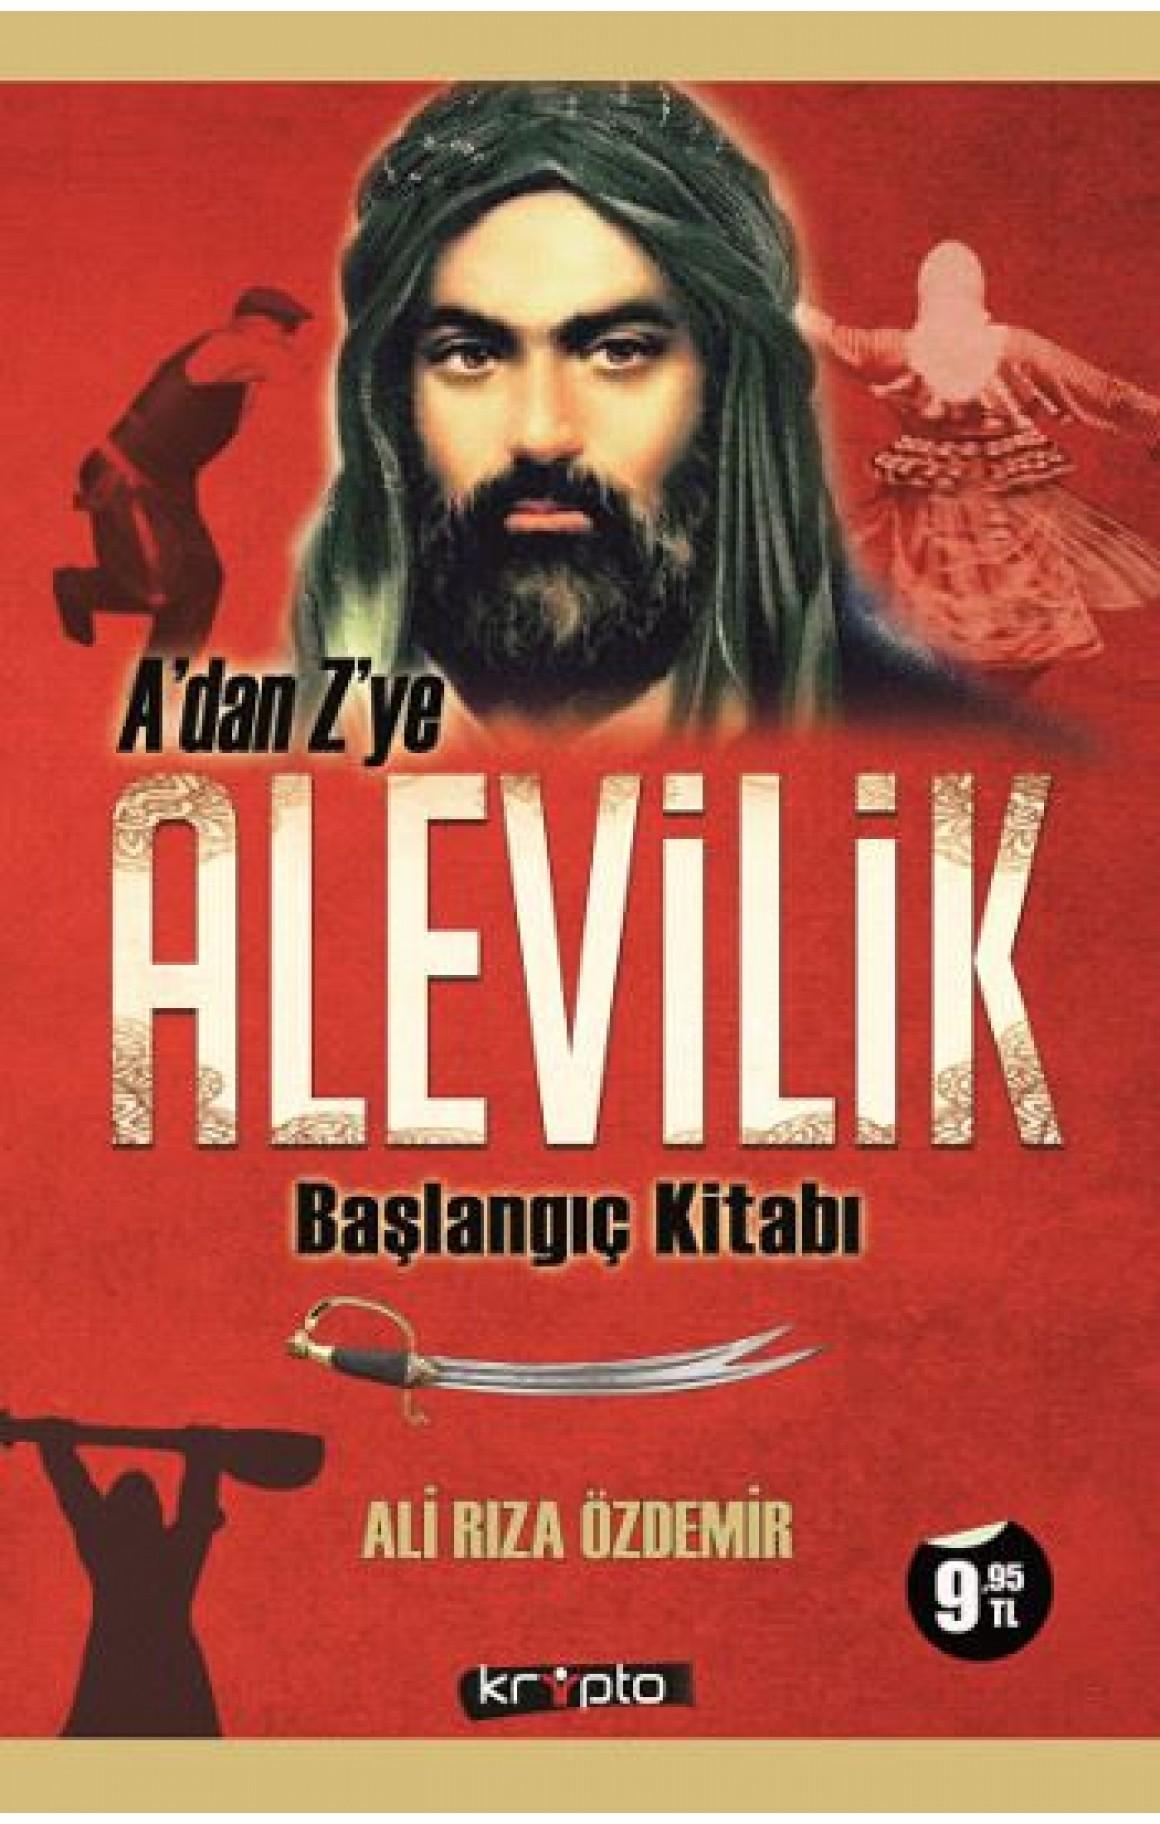 Adan Zye Alevilik - Başlangıç Kitabı